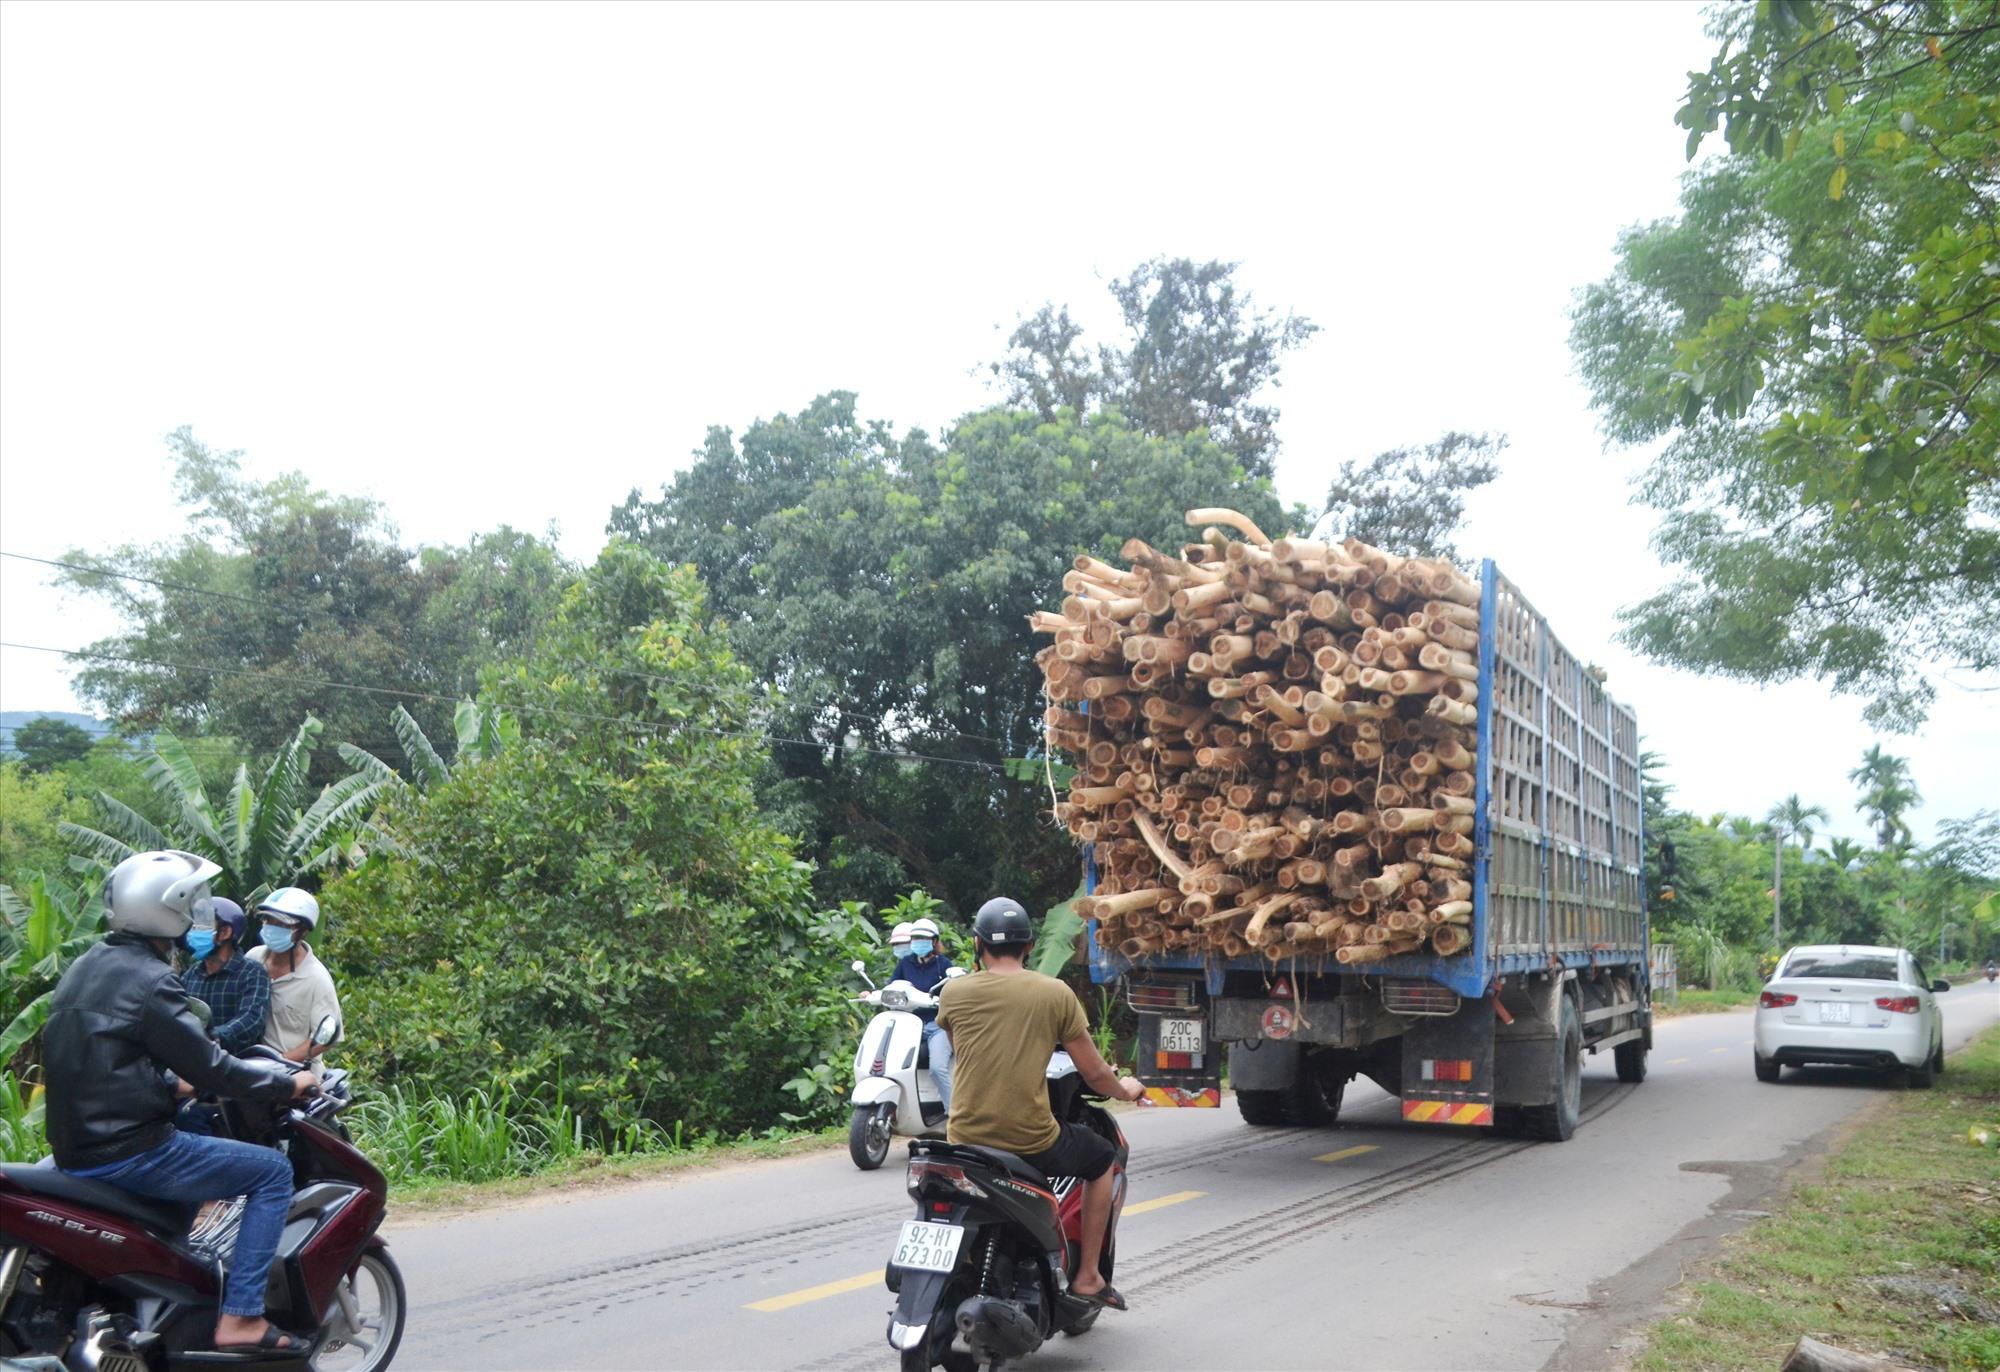 Xe chở keo quá kích thước thành, thùng chạy trên quốc lộ 14E qua thị trấn Tân Bình (Hiệp Đức). Ảnh: K.K